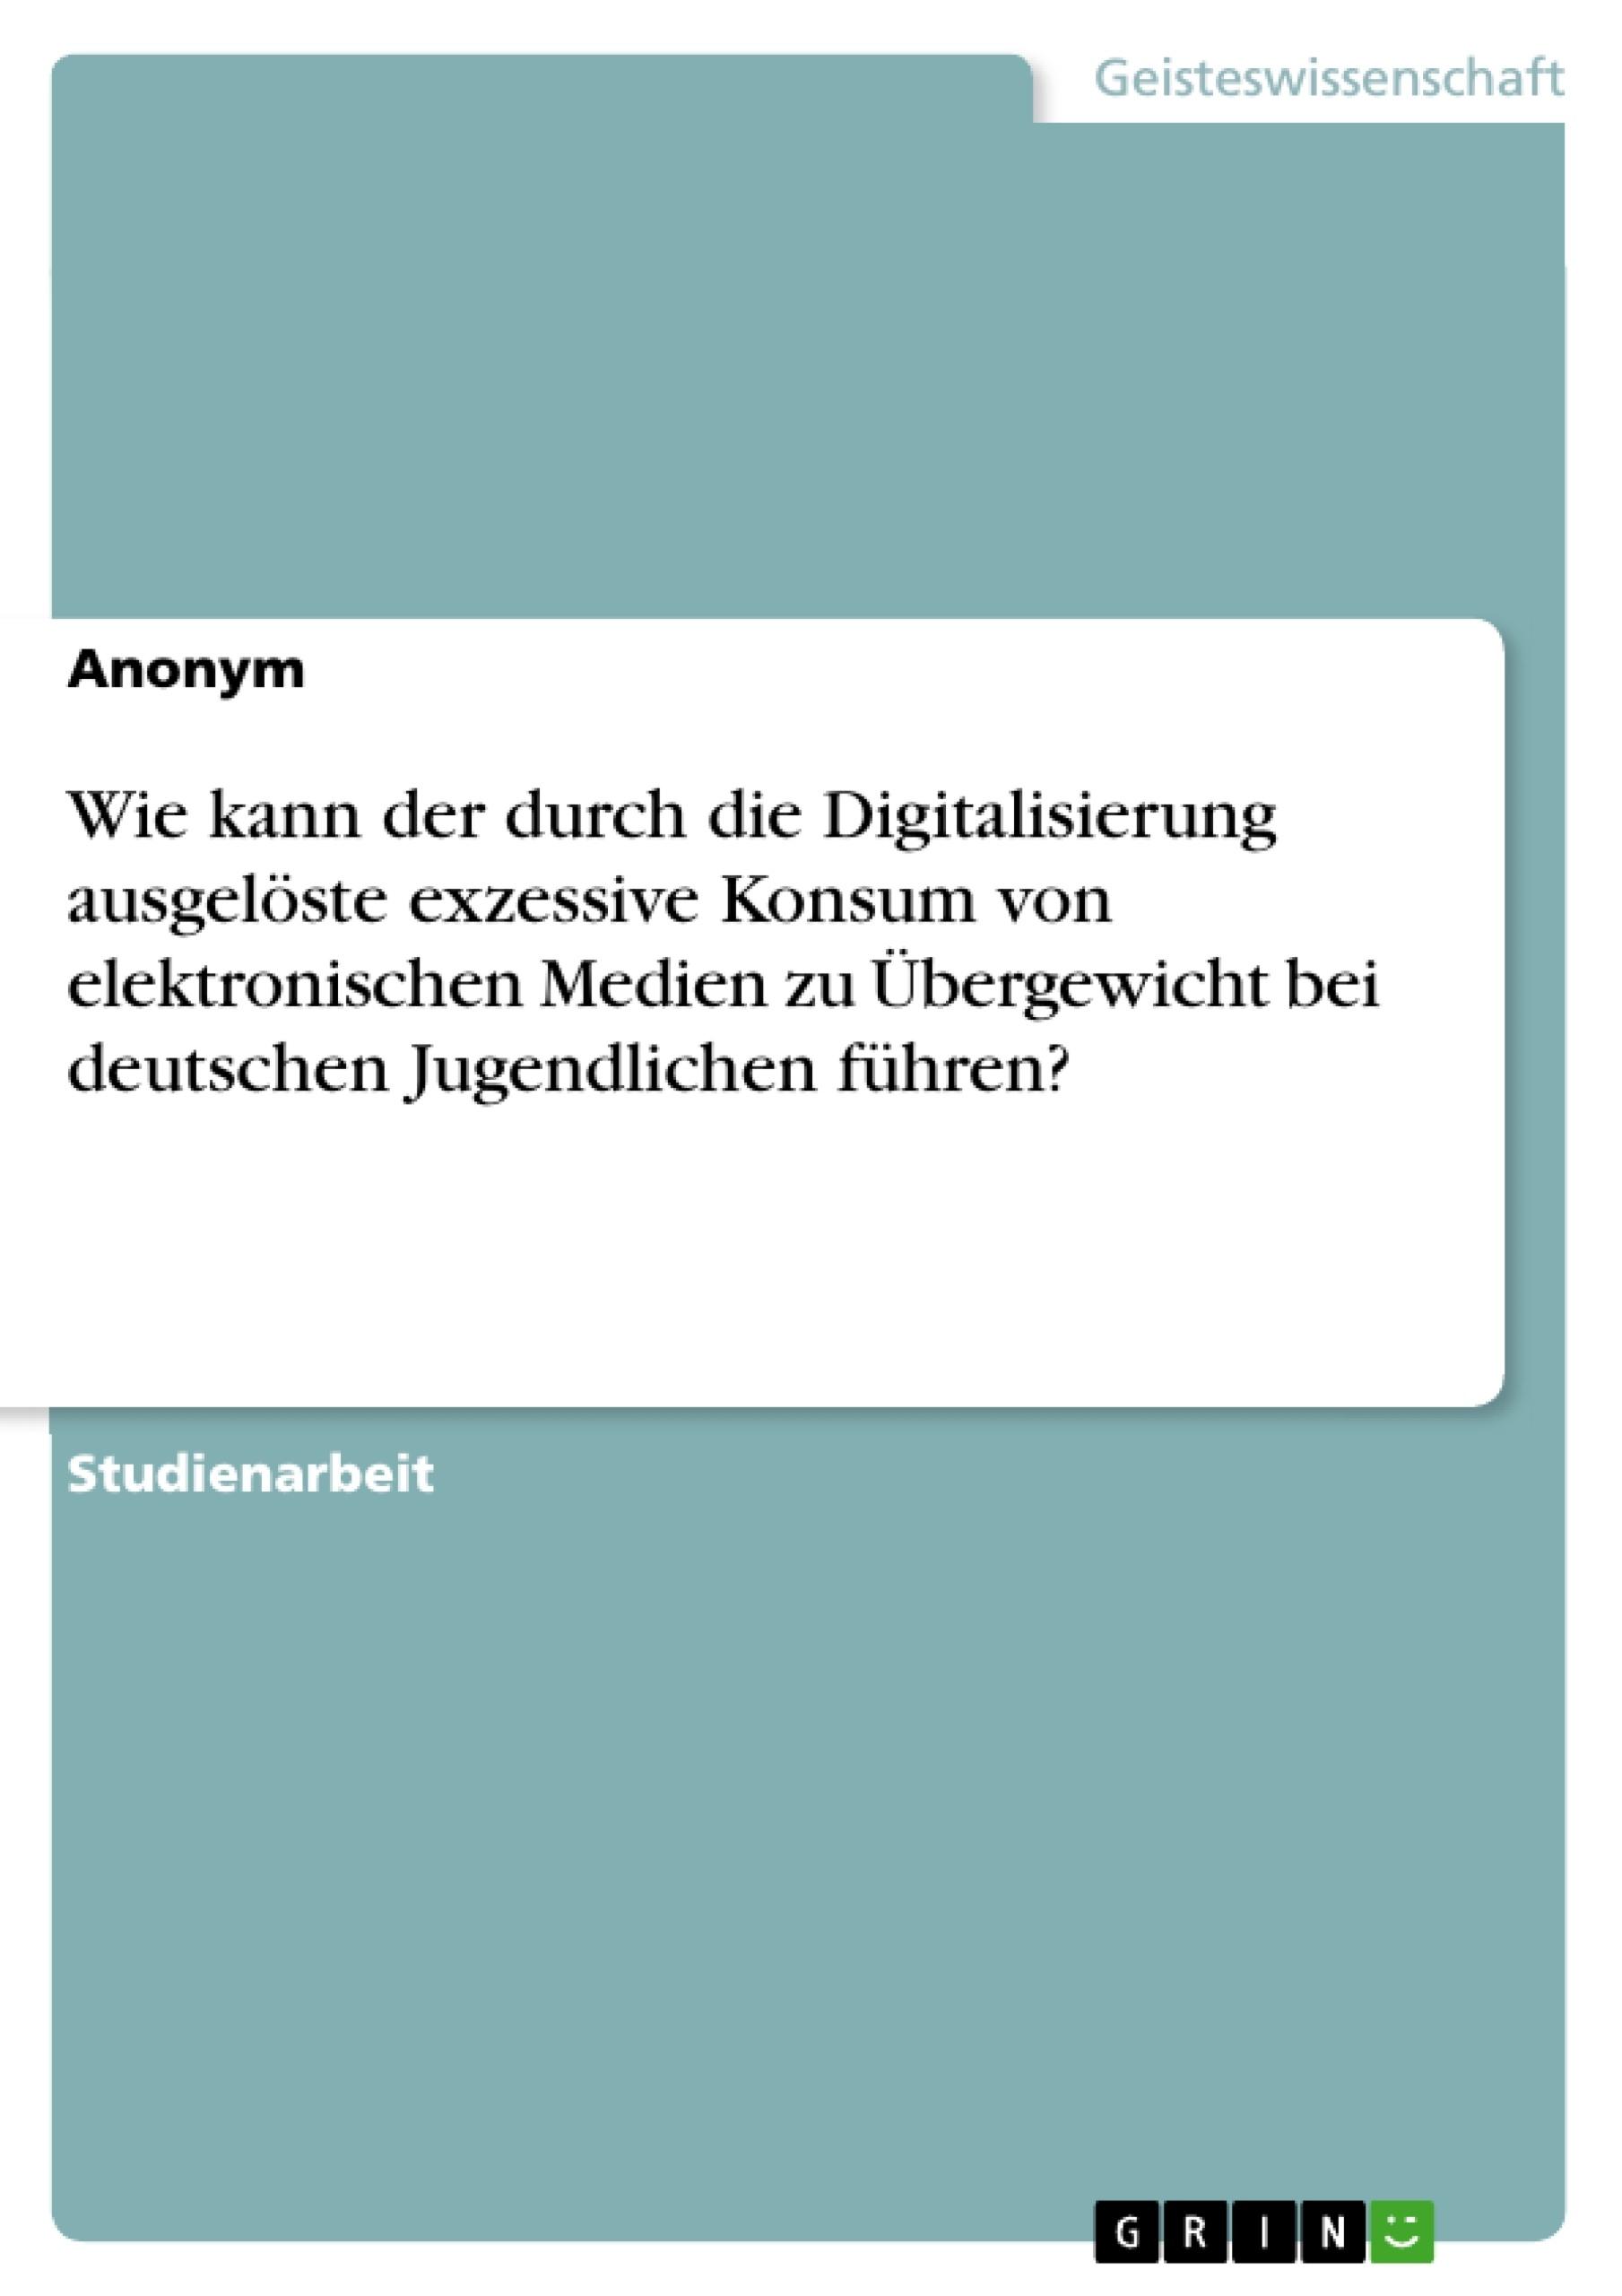 Titel: Wie kann der durch die Digitalisierung ausgelöste exzessive Konsum von elektronischen Medien zu Übergewicht bei deutschen Jugendlichen führen?